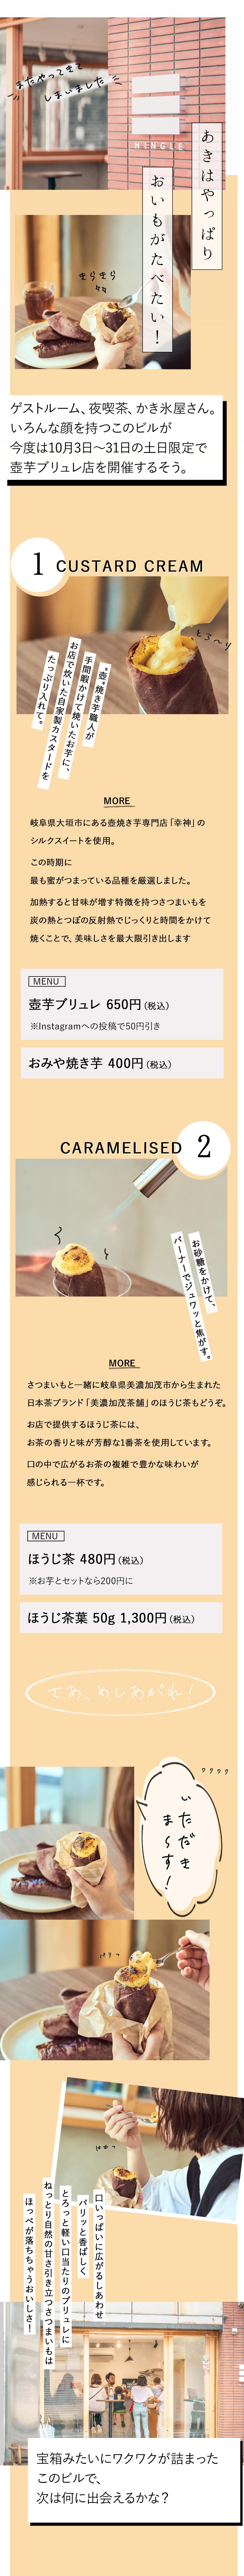 """ひんやり""""壺""""焼き芋にたっぷりのクリーム!「MINGLE」の「壺芋ブリュレ」で秋を味わう。 - f80cbd5a23312011867201c1e4a266fb"""